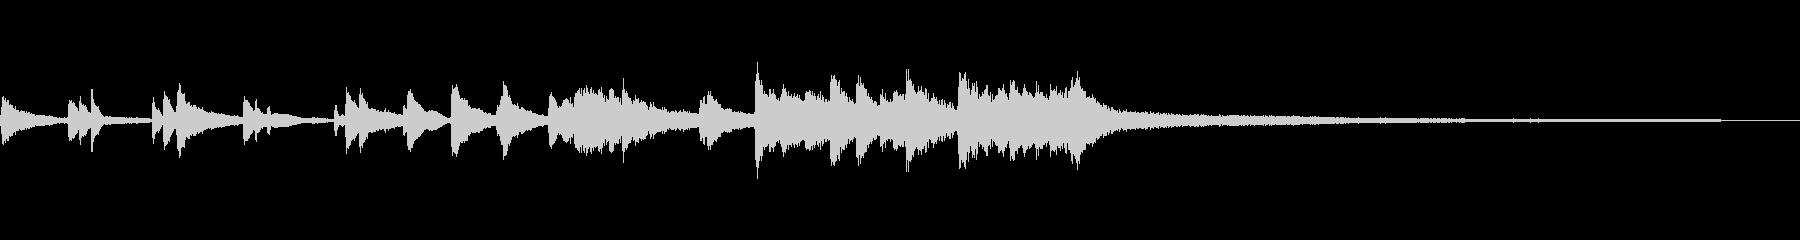 和風のジングル8b-タックピアノの未再生の波形